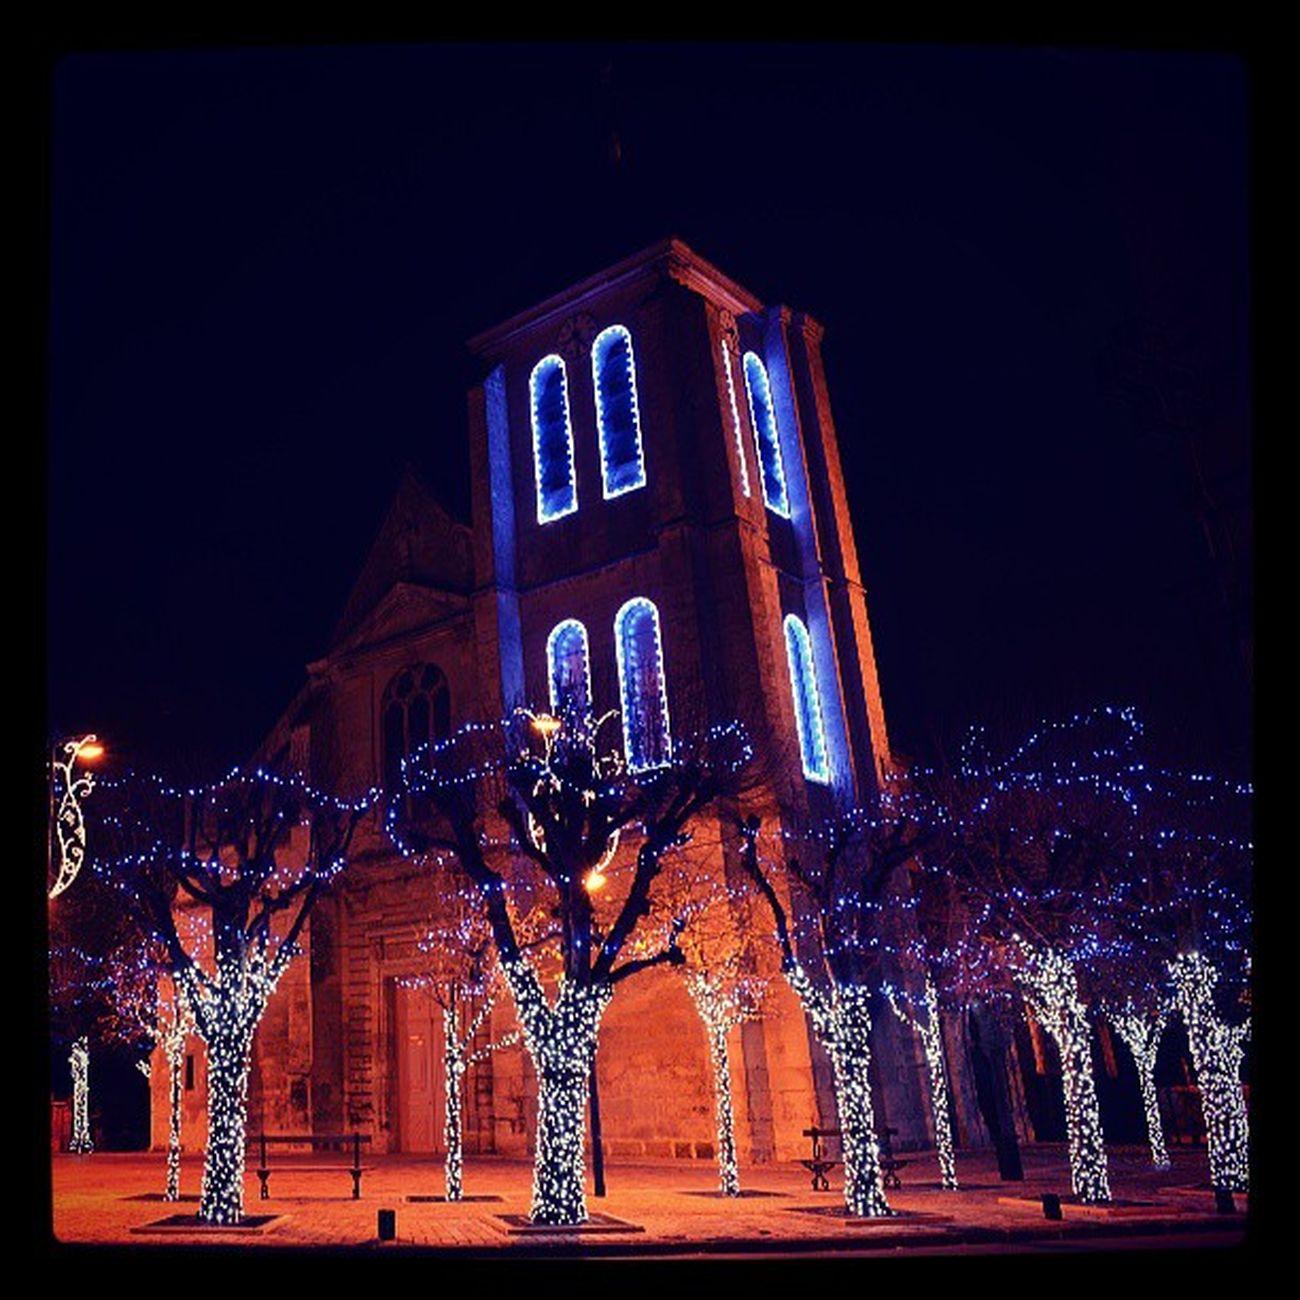 L'église était illuminé à Gouvieux en décembre 2014 Gouvieux Oise  Picardie 60270 illumination noel chrismas chrismasillumination